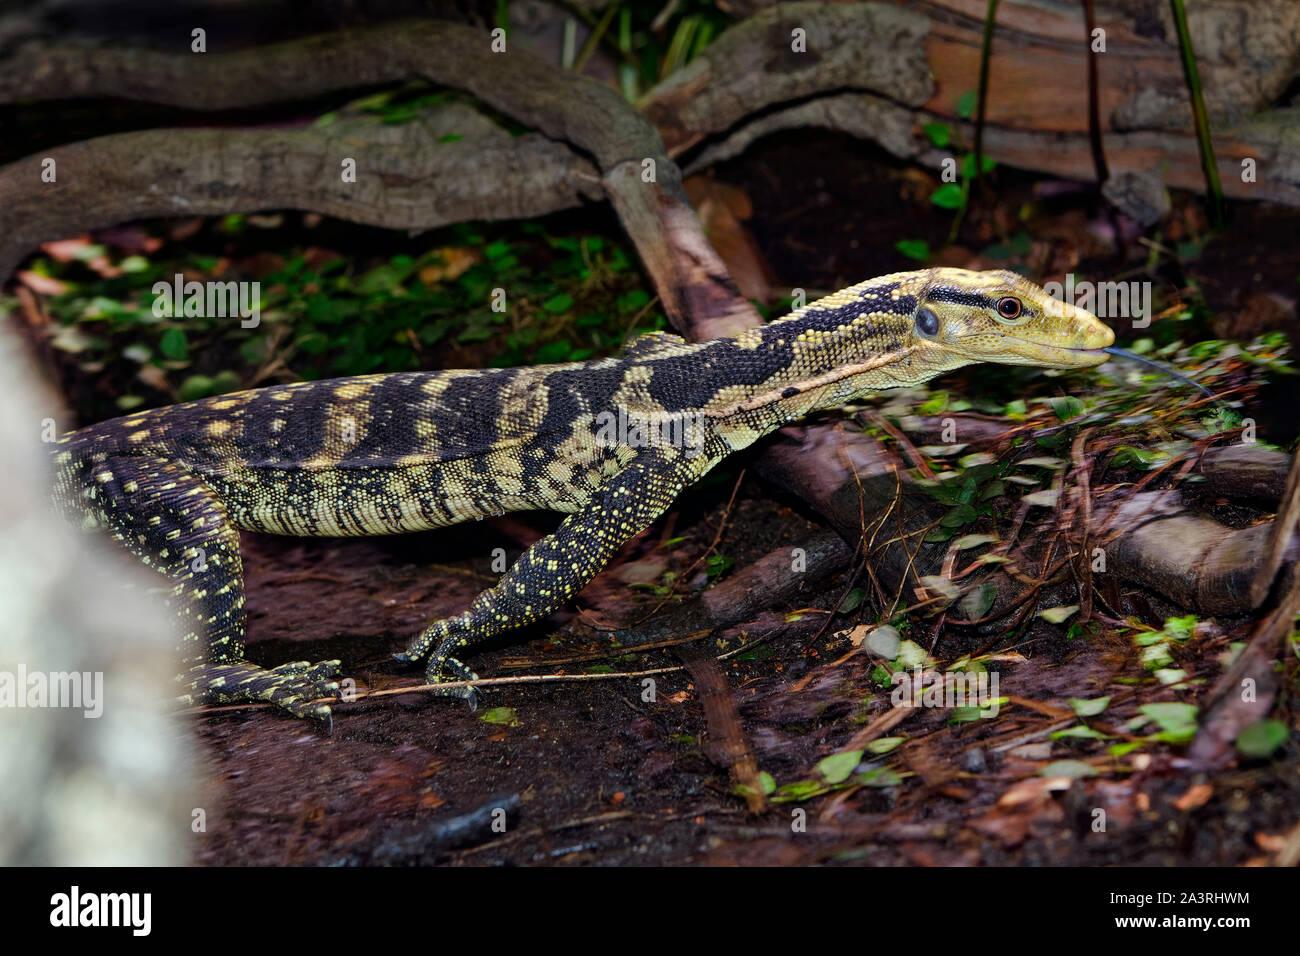 Yellow-headed water monitor - Varanus cumingi Stock Photo